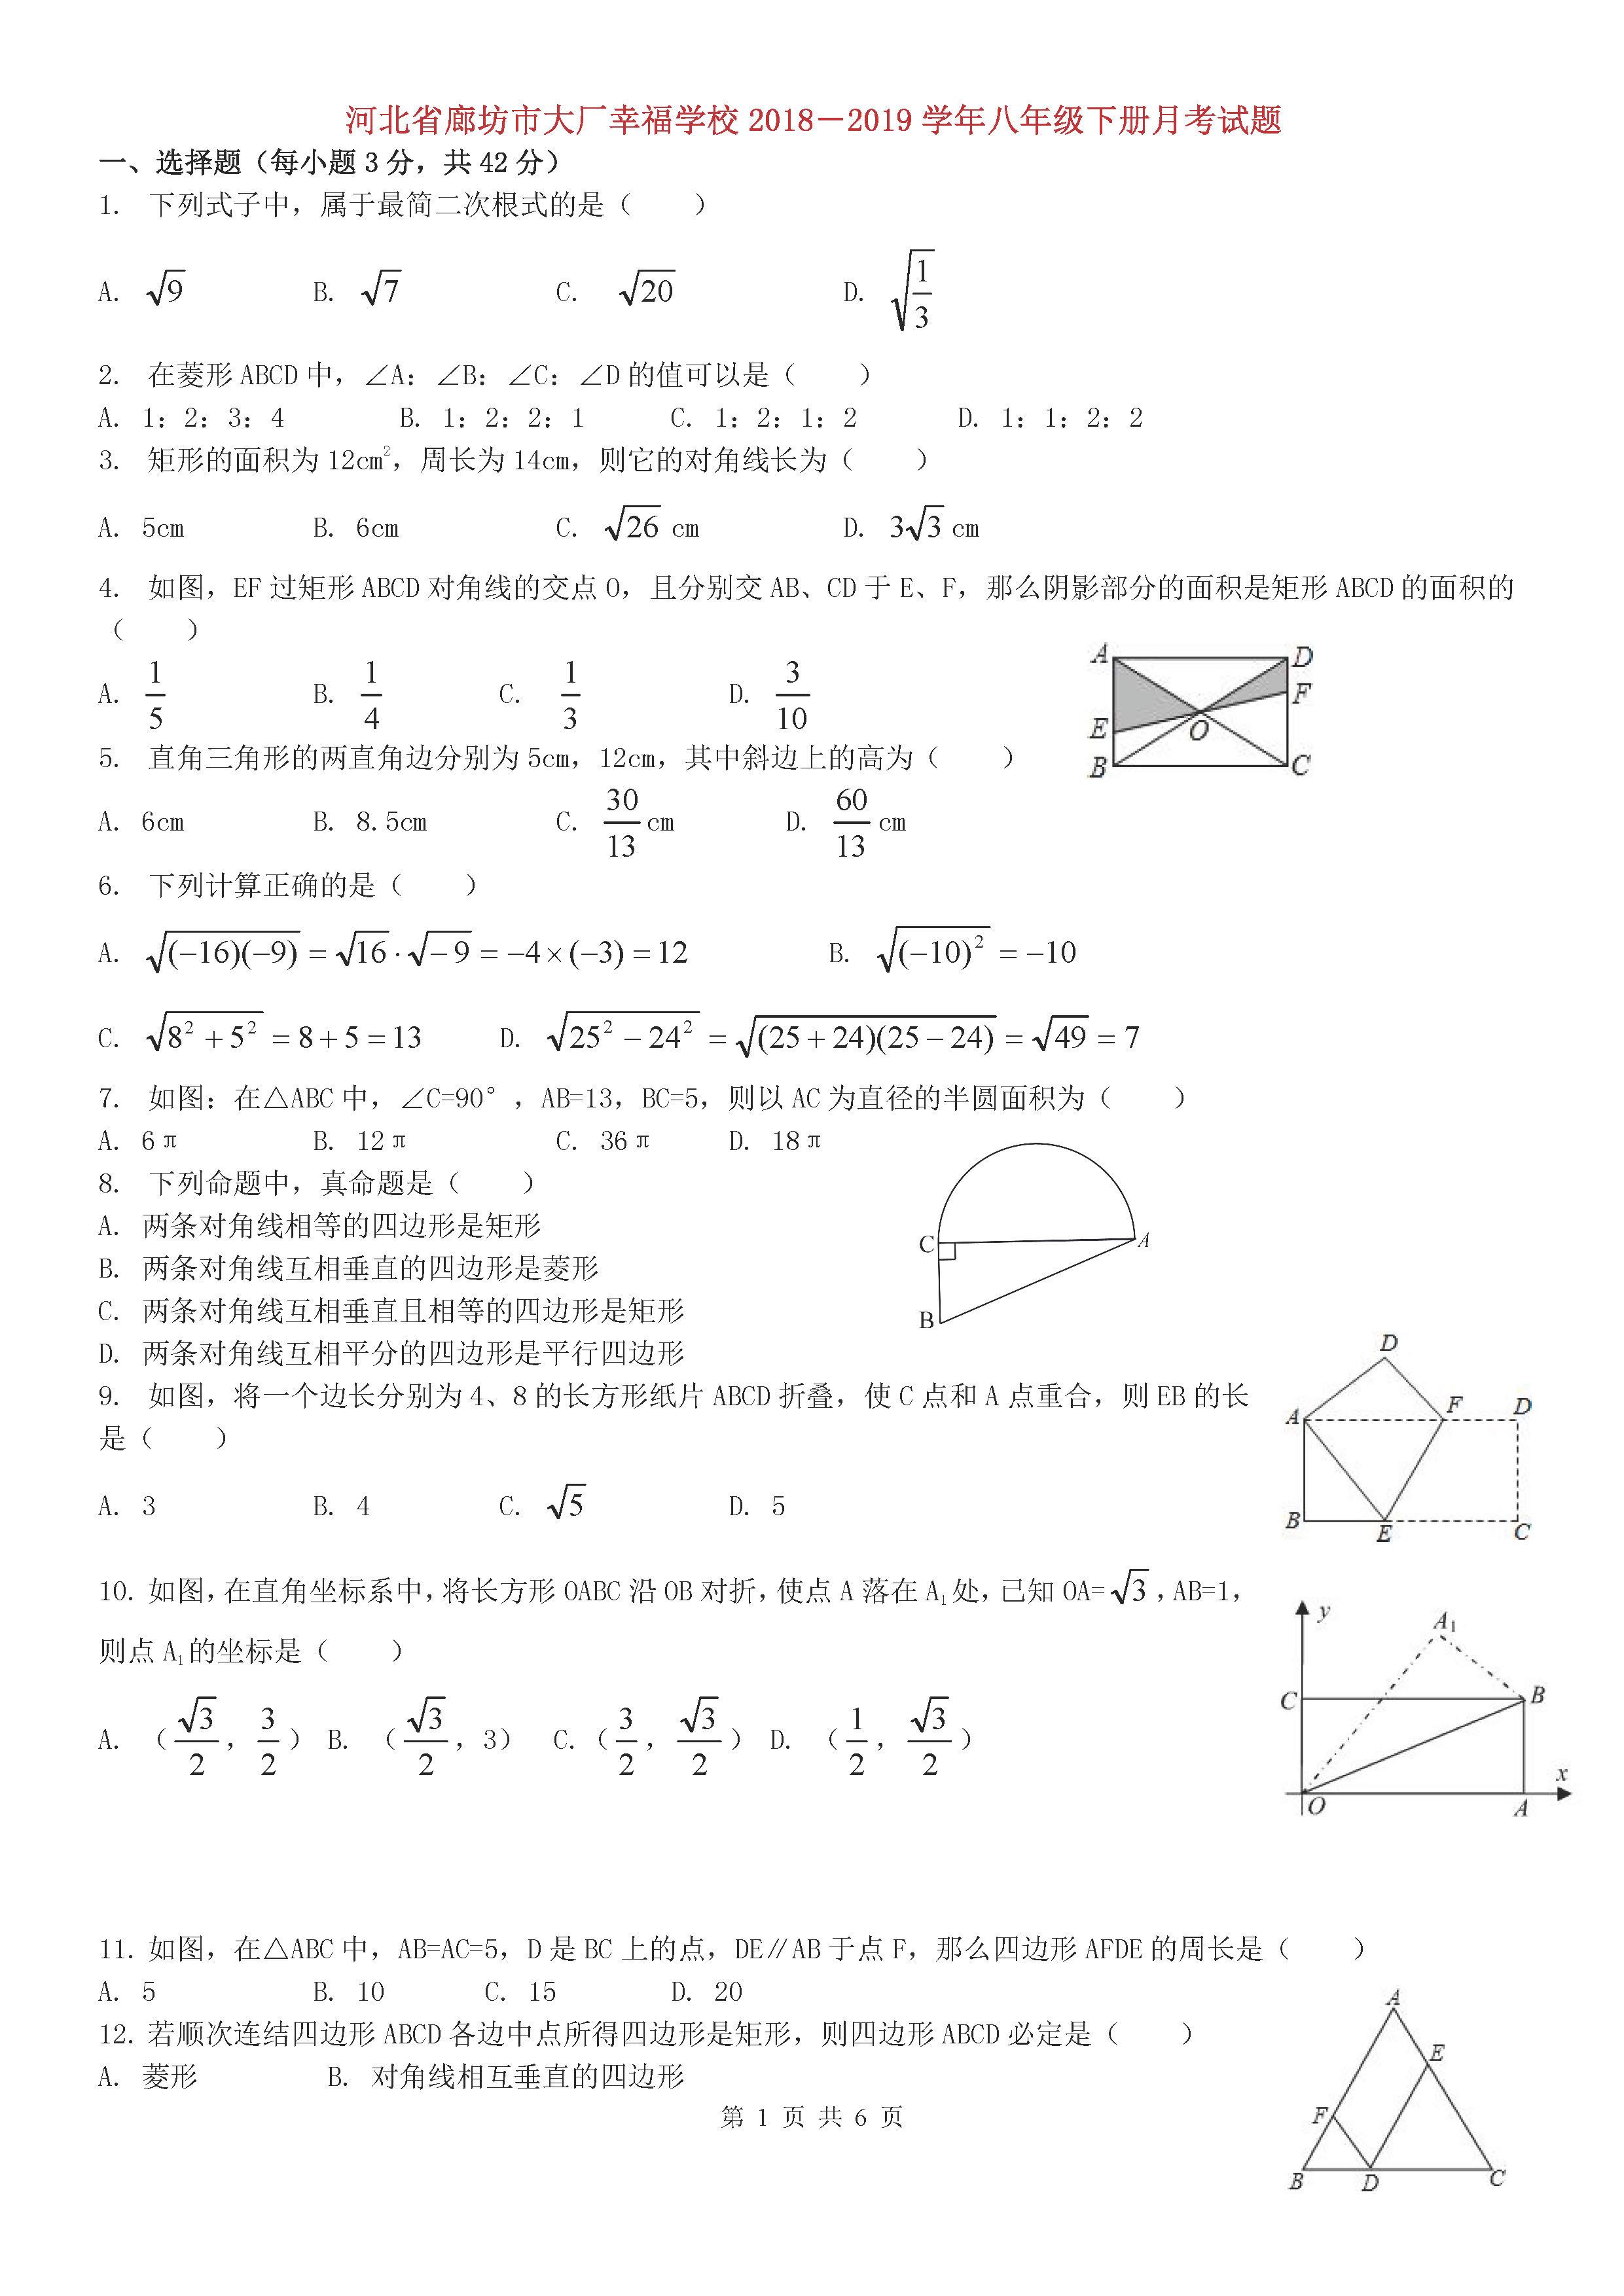 河北省廊坊市2018-2019八年级数学下册月考试题含答案